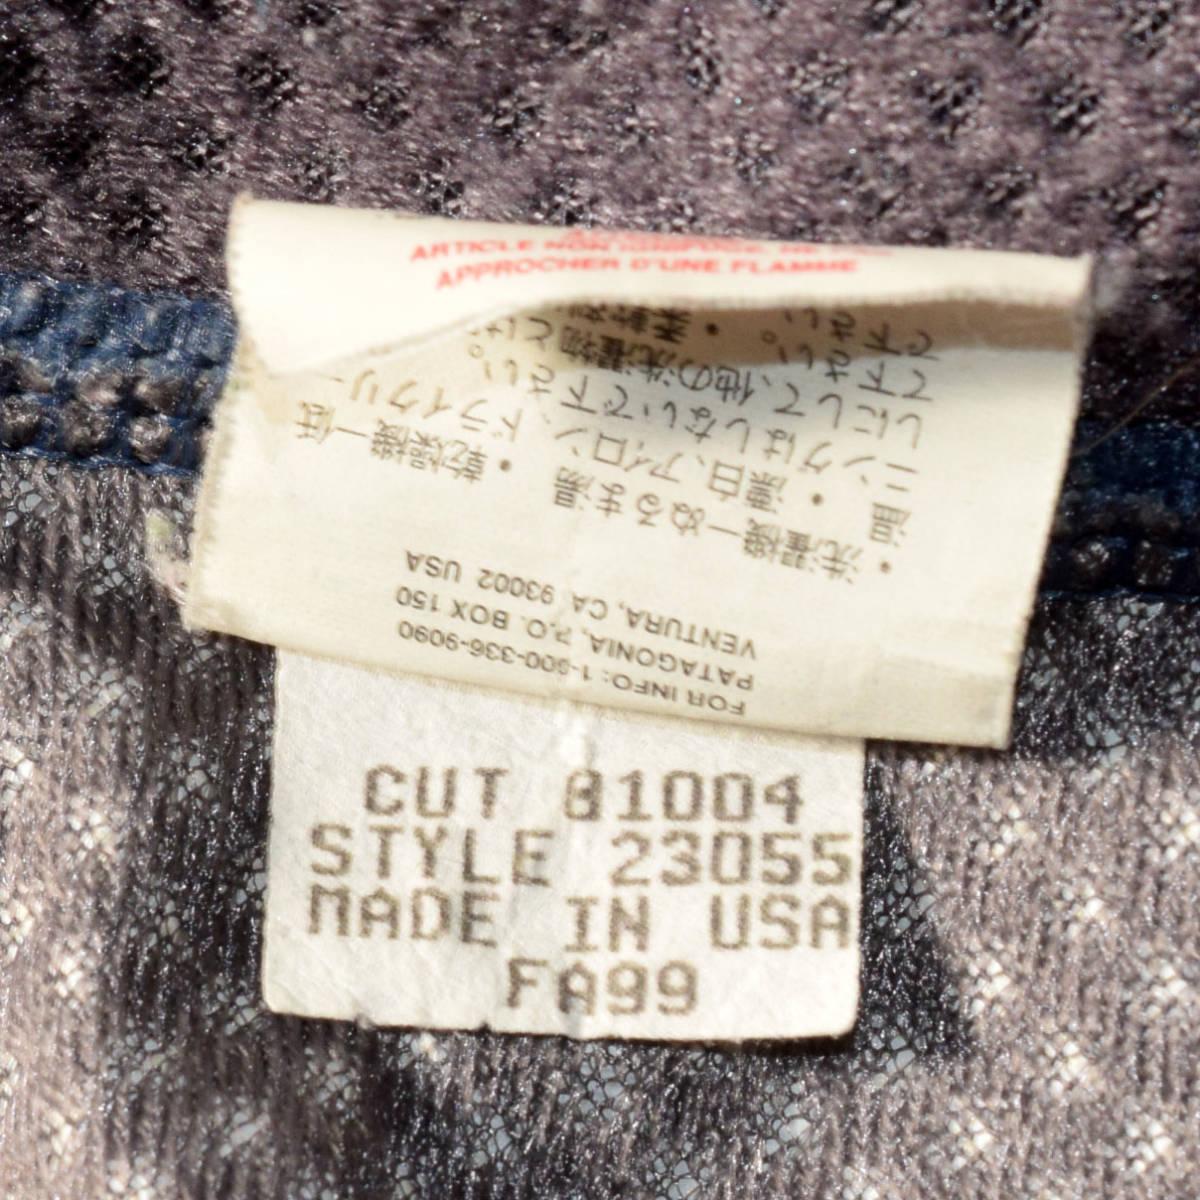 レア!送料無料!99年 USA製 パタゴニア メンズS 日本M フリース ボアパイル レトロX ジャケット レトロカーディガン 古着 ビンテージ_画像7